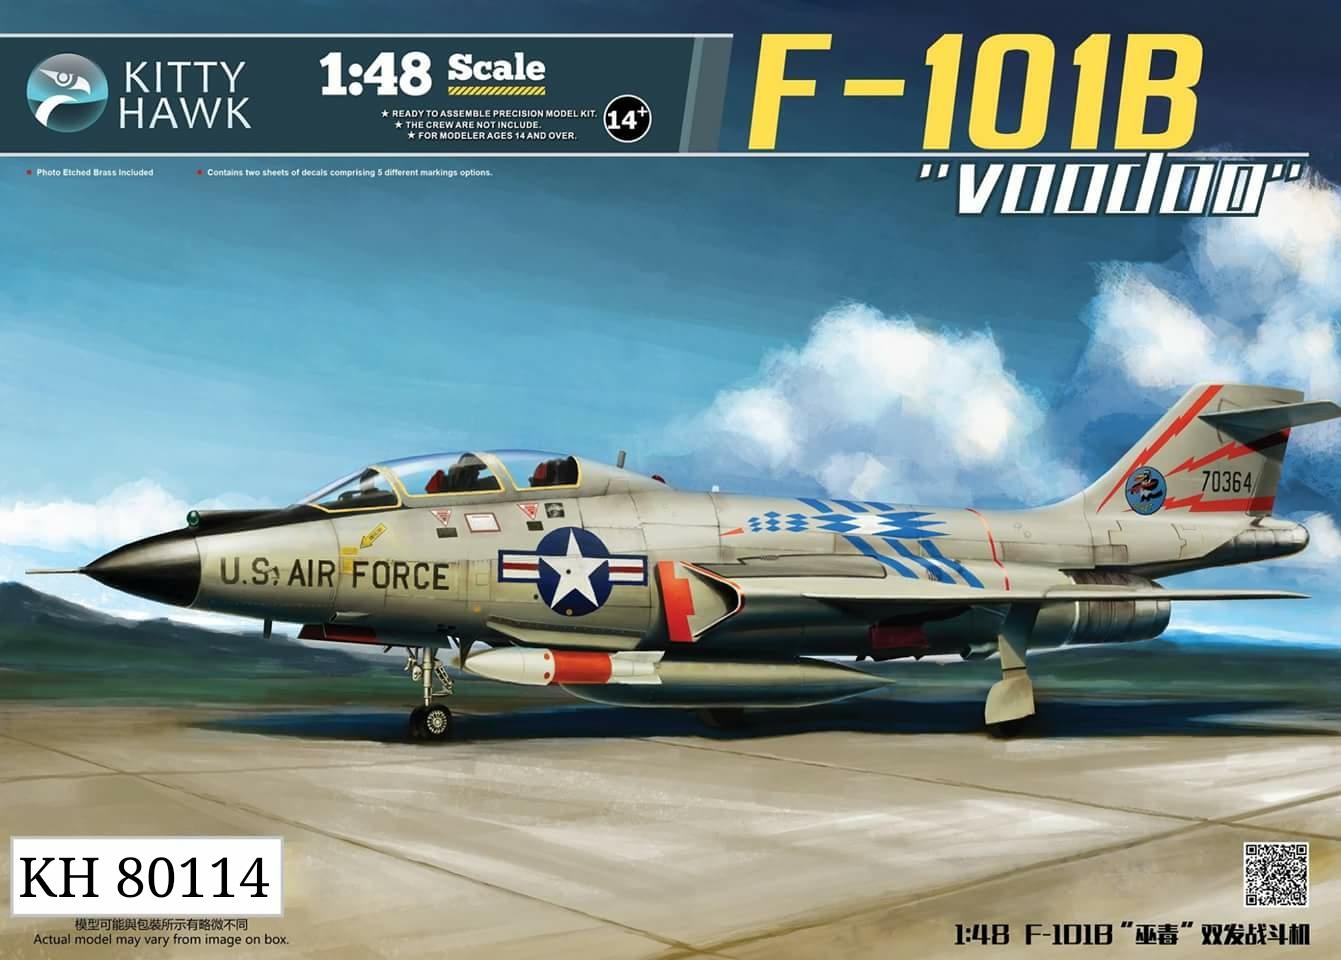 Kitty Hawk 1:48 McDonnell F-101B / CF101B Voodoo